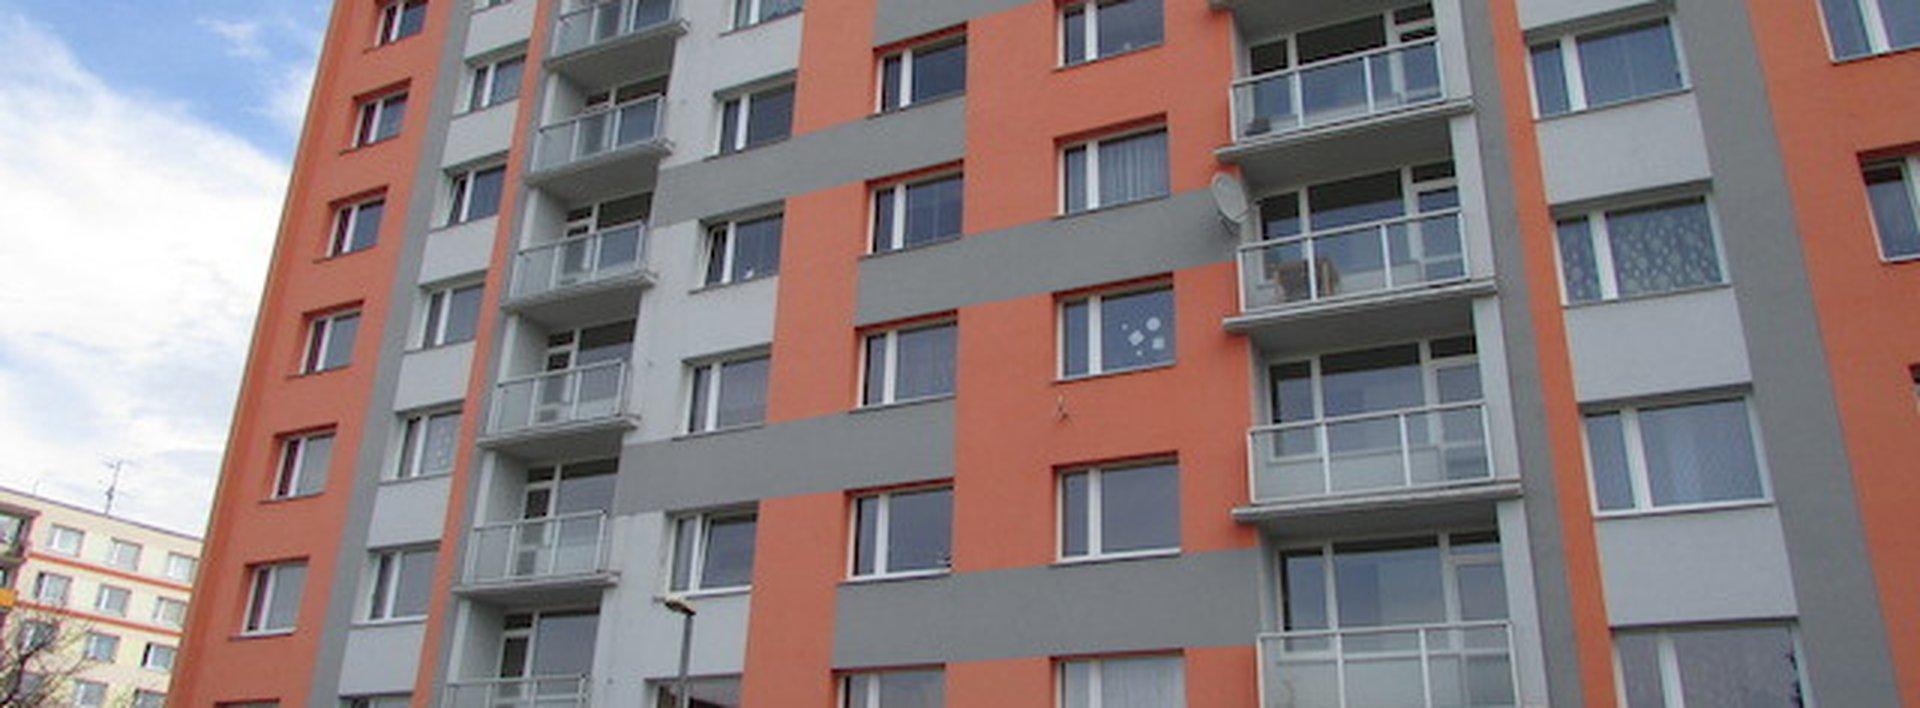 Pronájem bytu 1+1 s lodžií, 39m² - ul. Křišťálová, JBC, Ev.č.: N46667